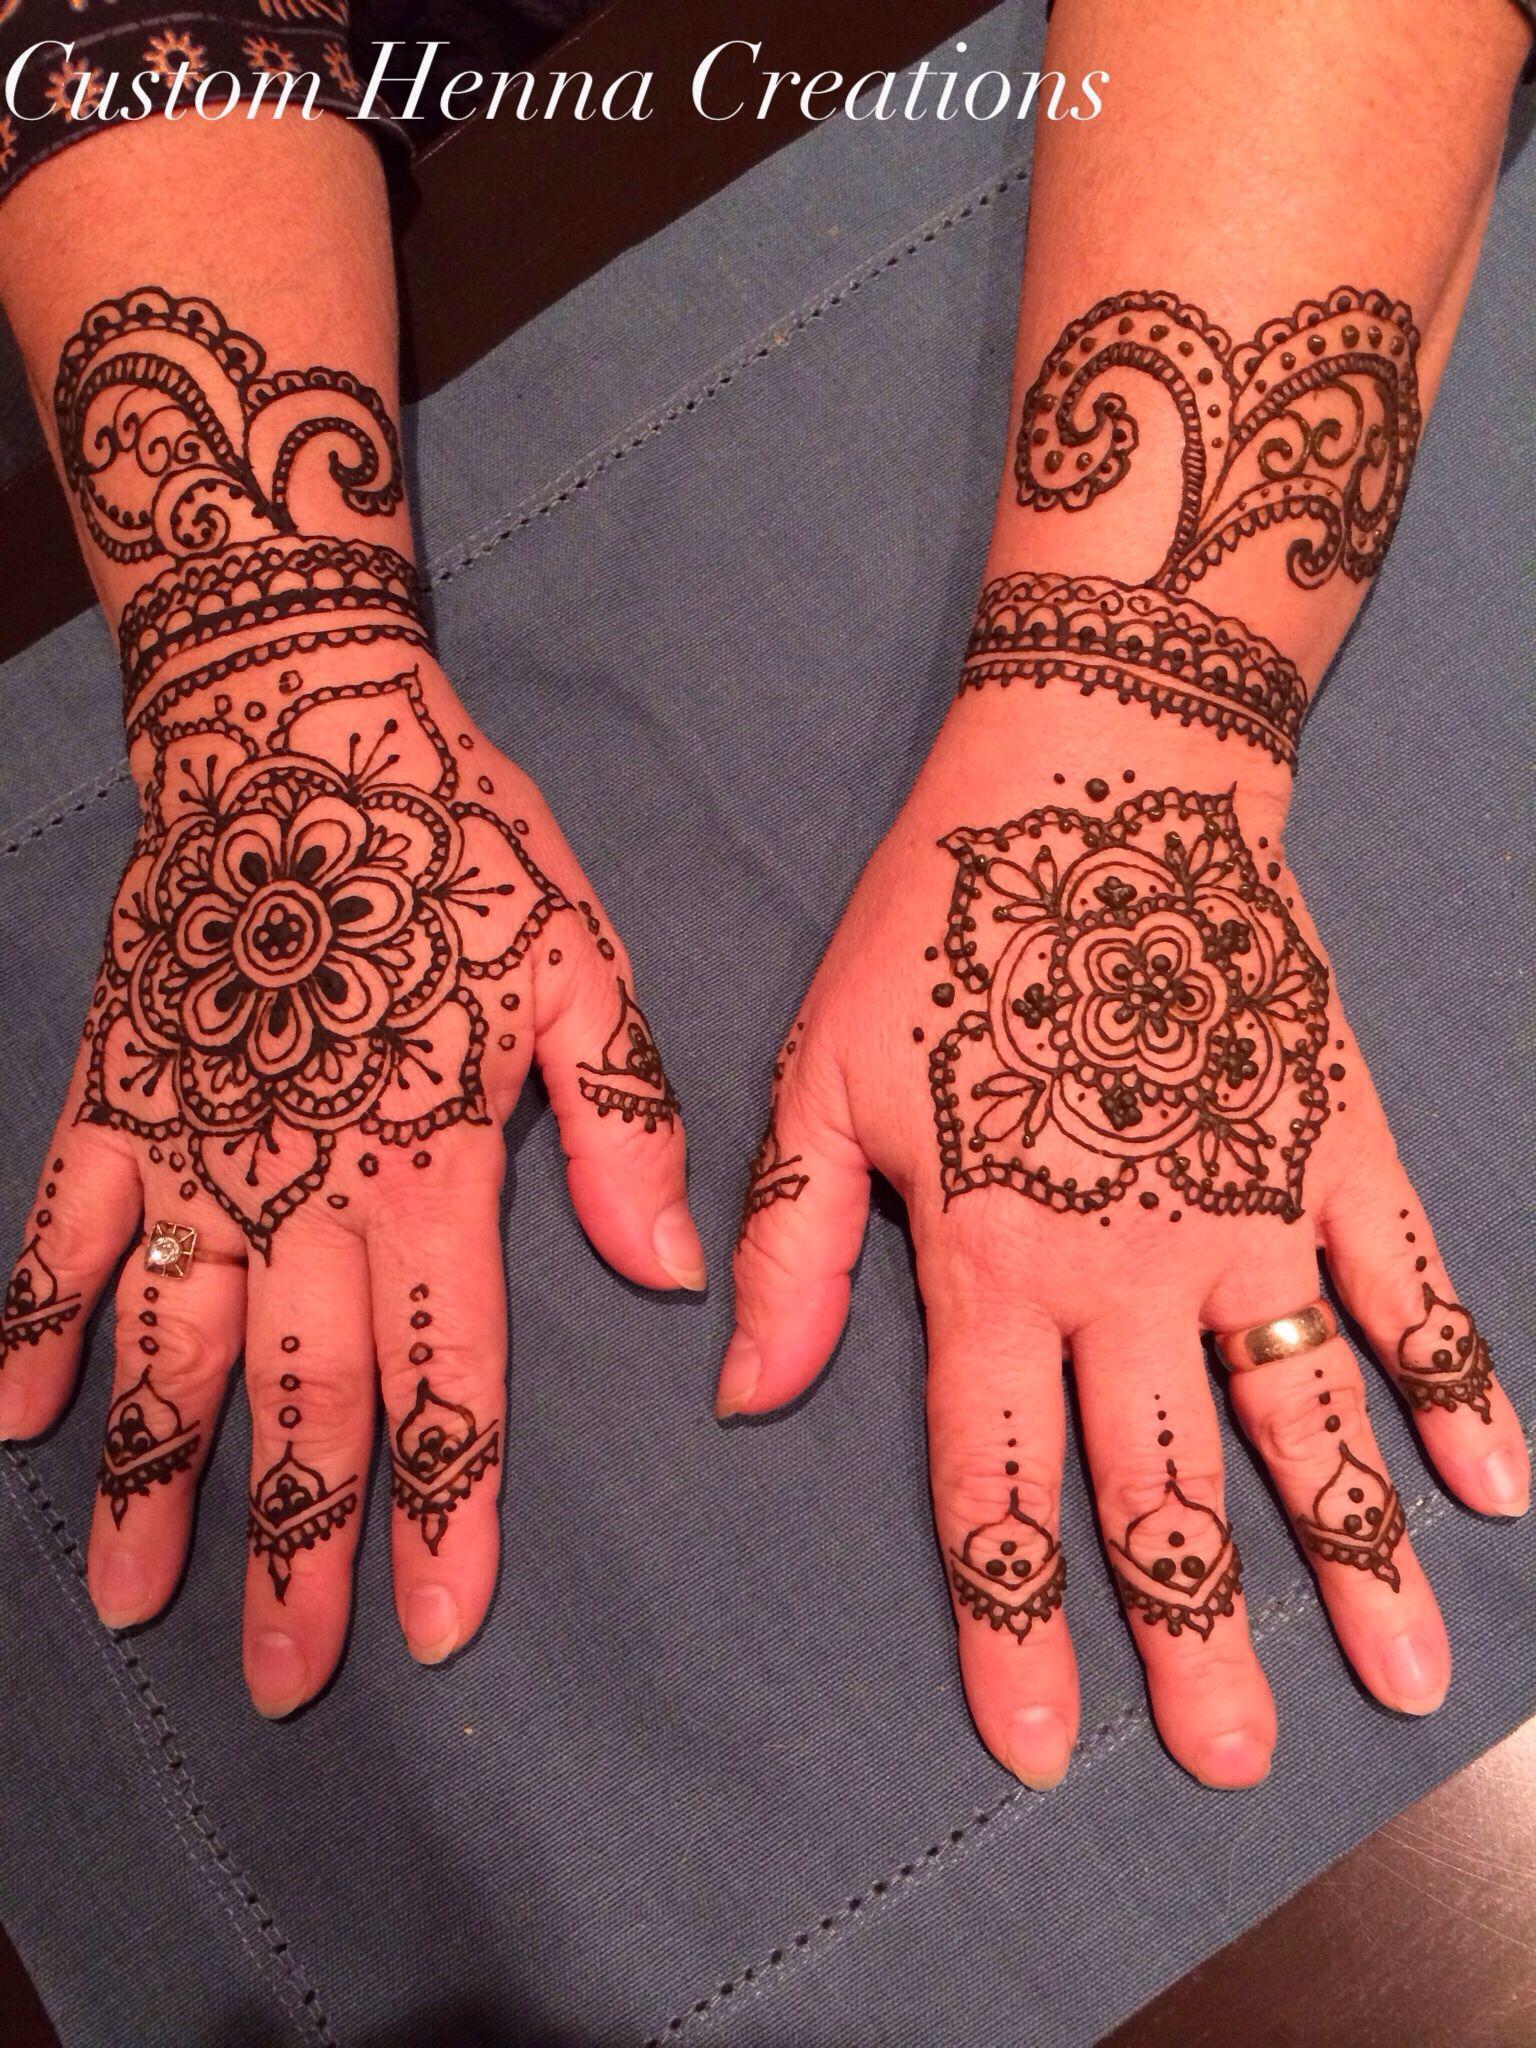 Diwali Henna Designs: Henna/Mehndi Designs